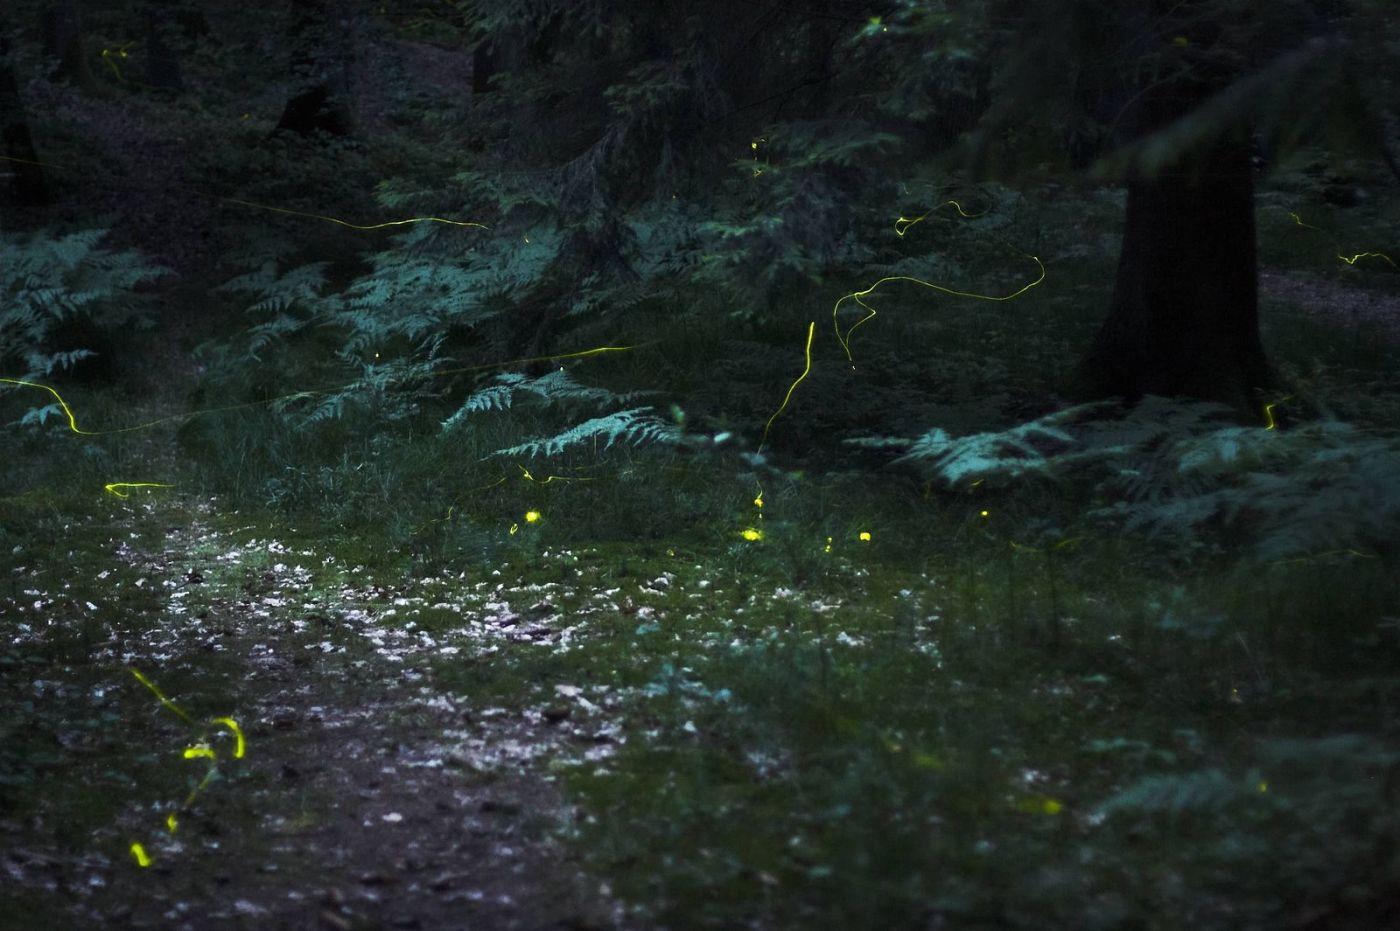 Firefly dating